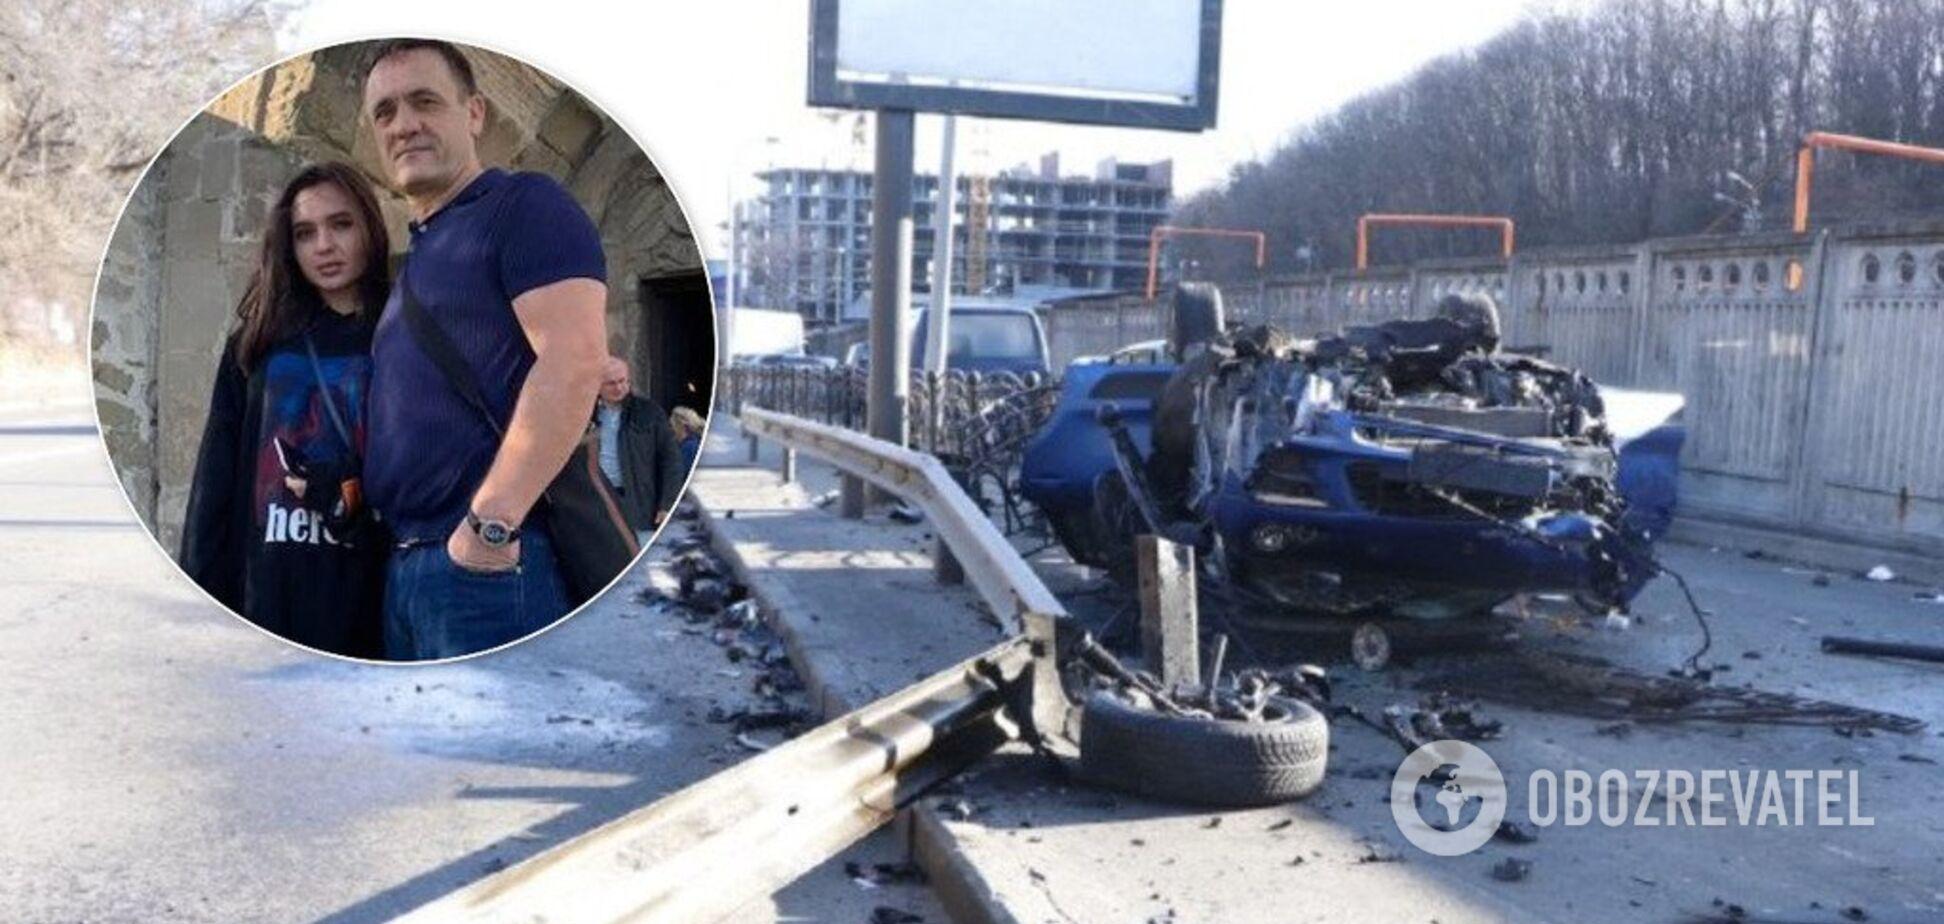 ДТП с Porsche в Киеве и Владислава Евтягина с отцом. Источник: Коллаж